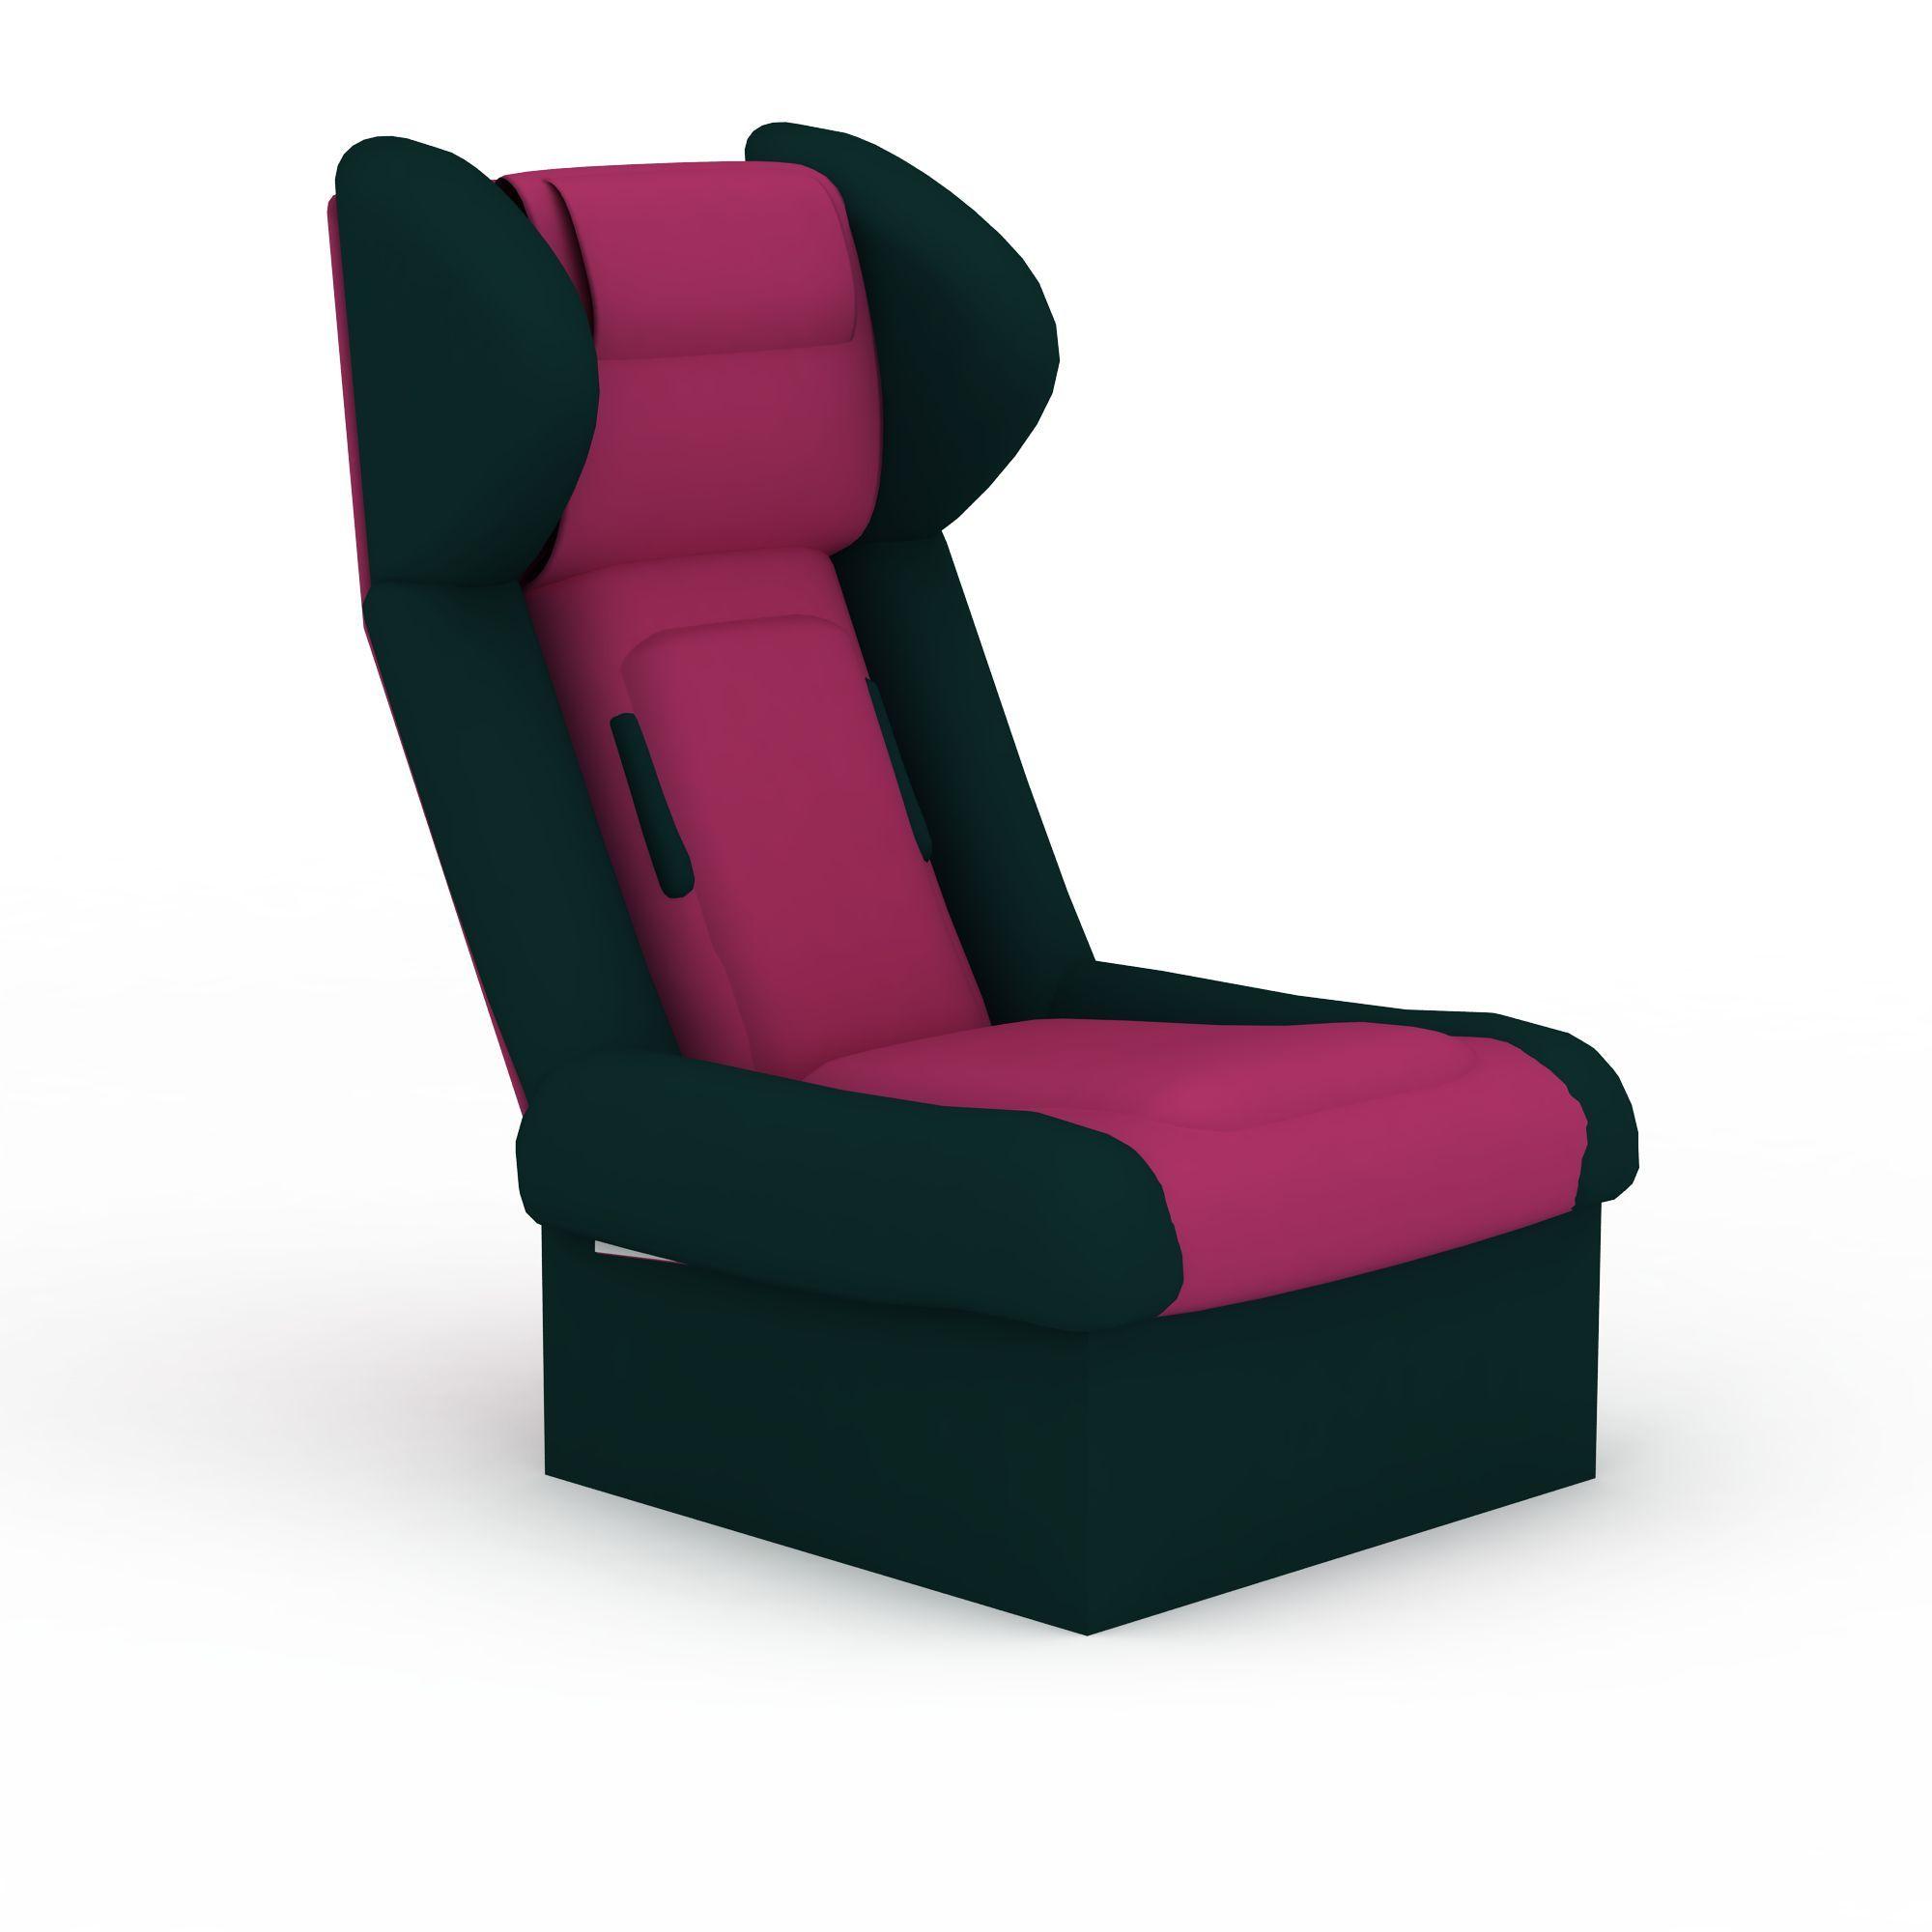 室内家具高脚座椅模型_设计分享